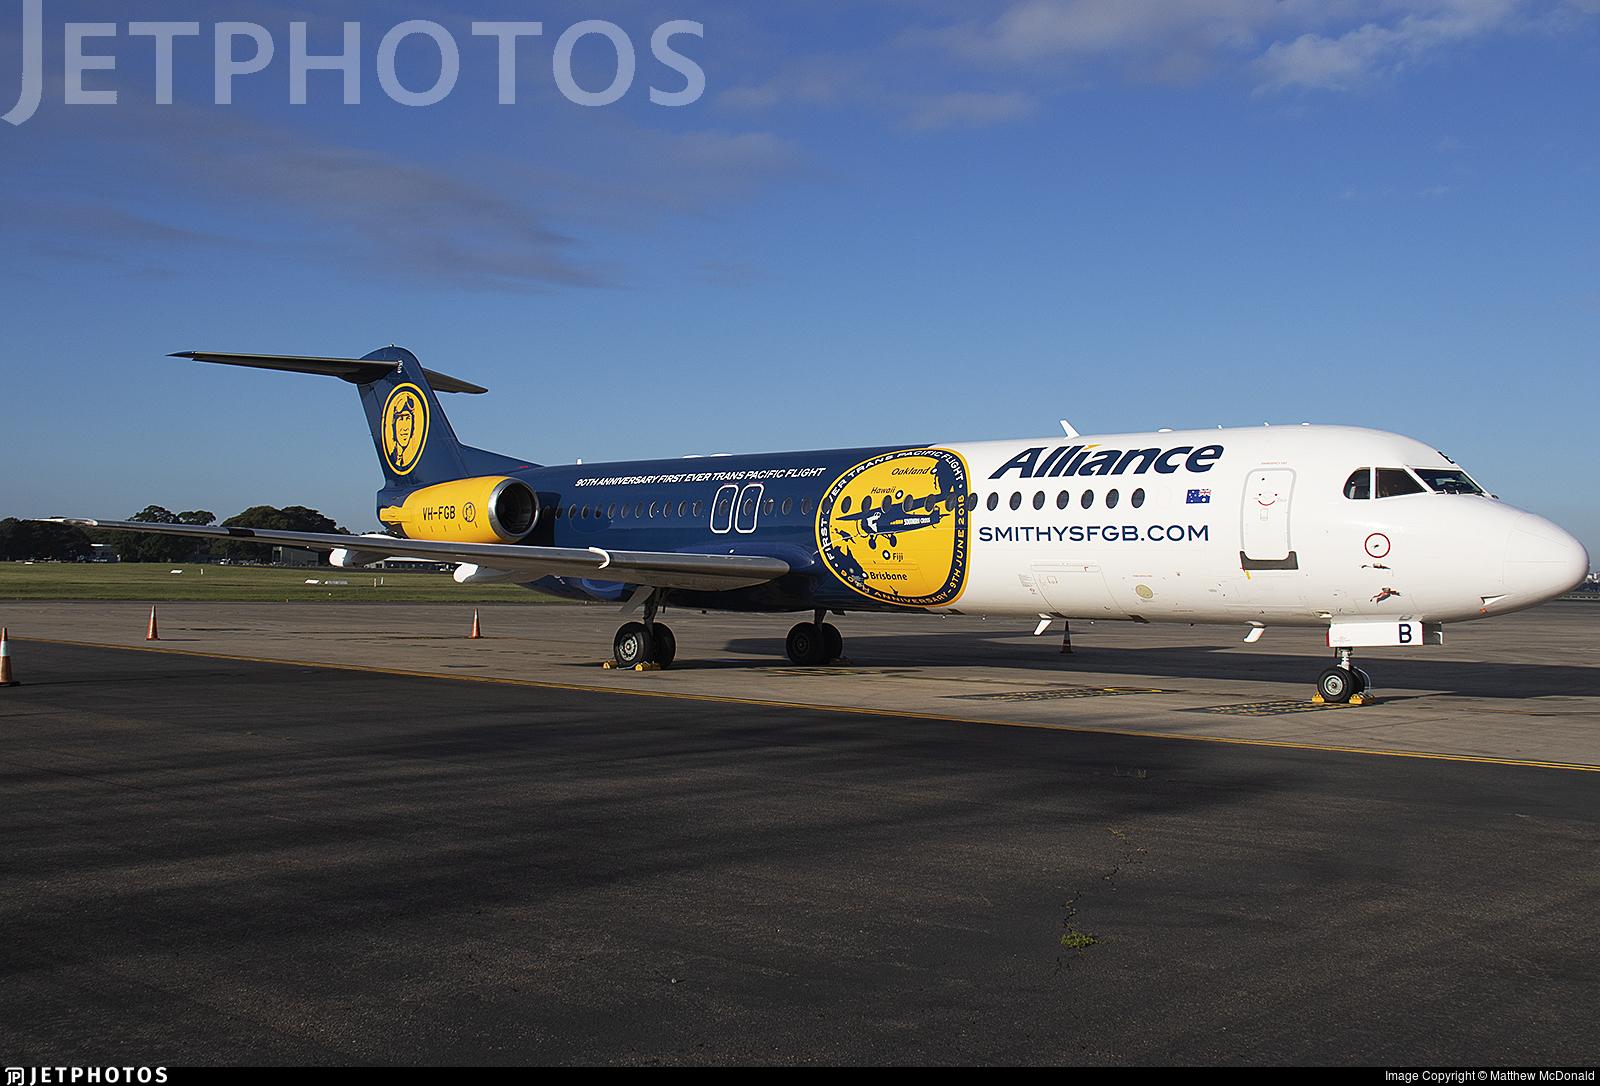 VH-FGB - Fokker 100 - Alliance Airlines